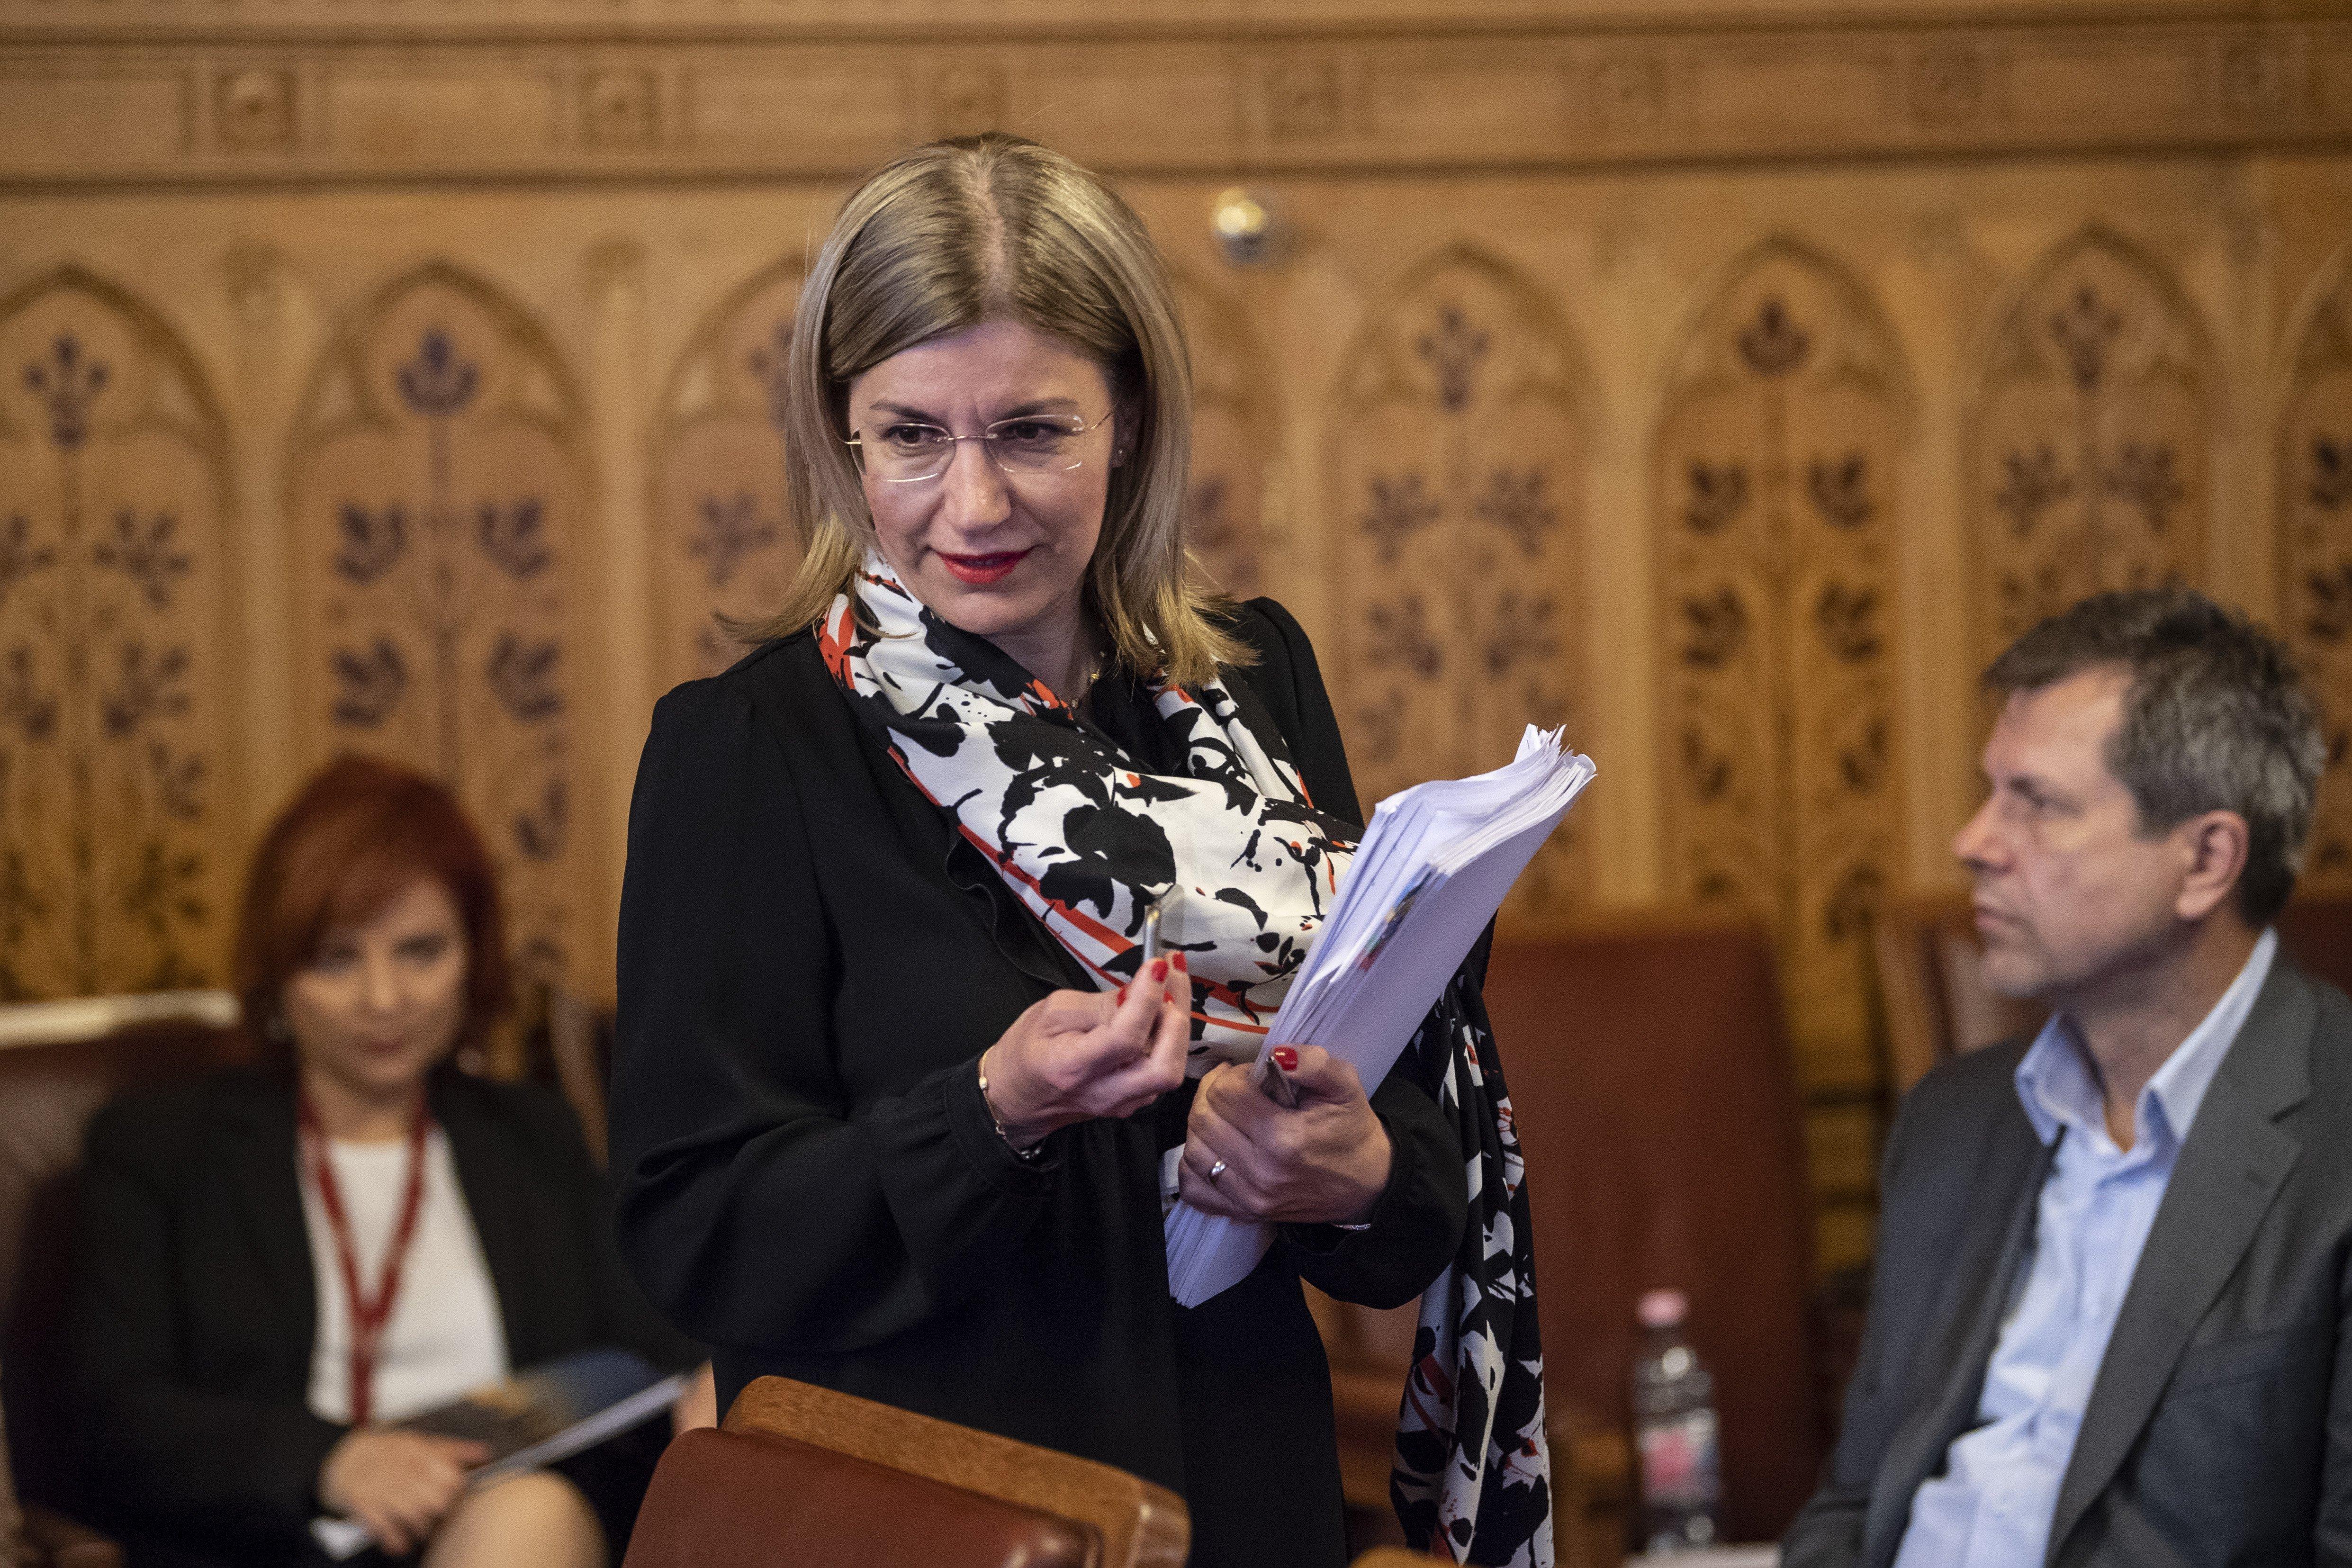 Húszmilliárdos gáztárolóüzlet: az eladót Bártfai-Mager miniszter felügyeli, a vevőt a férje irányítja